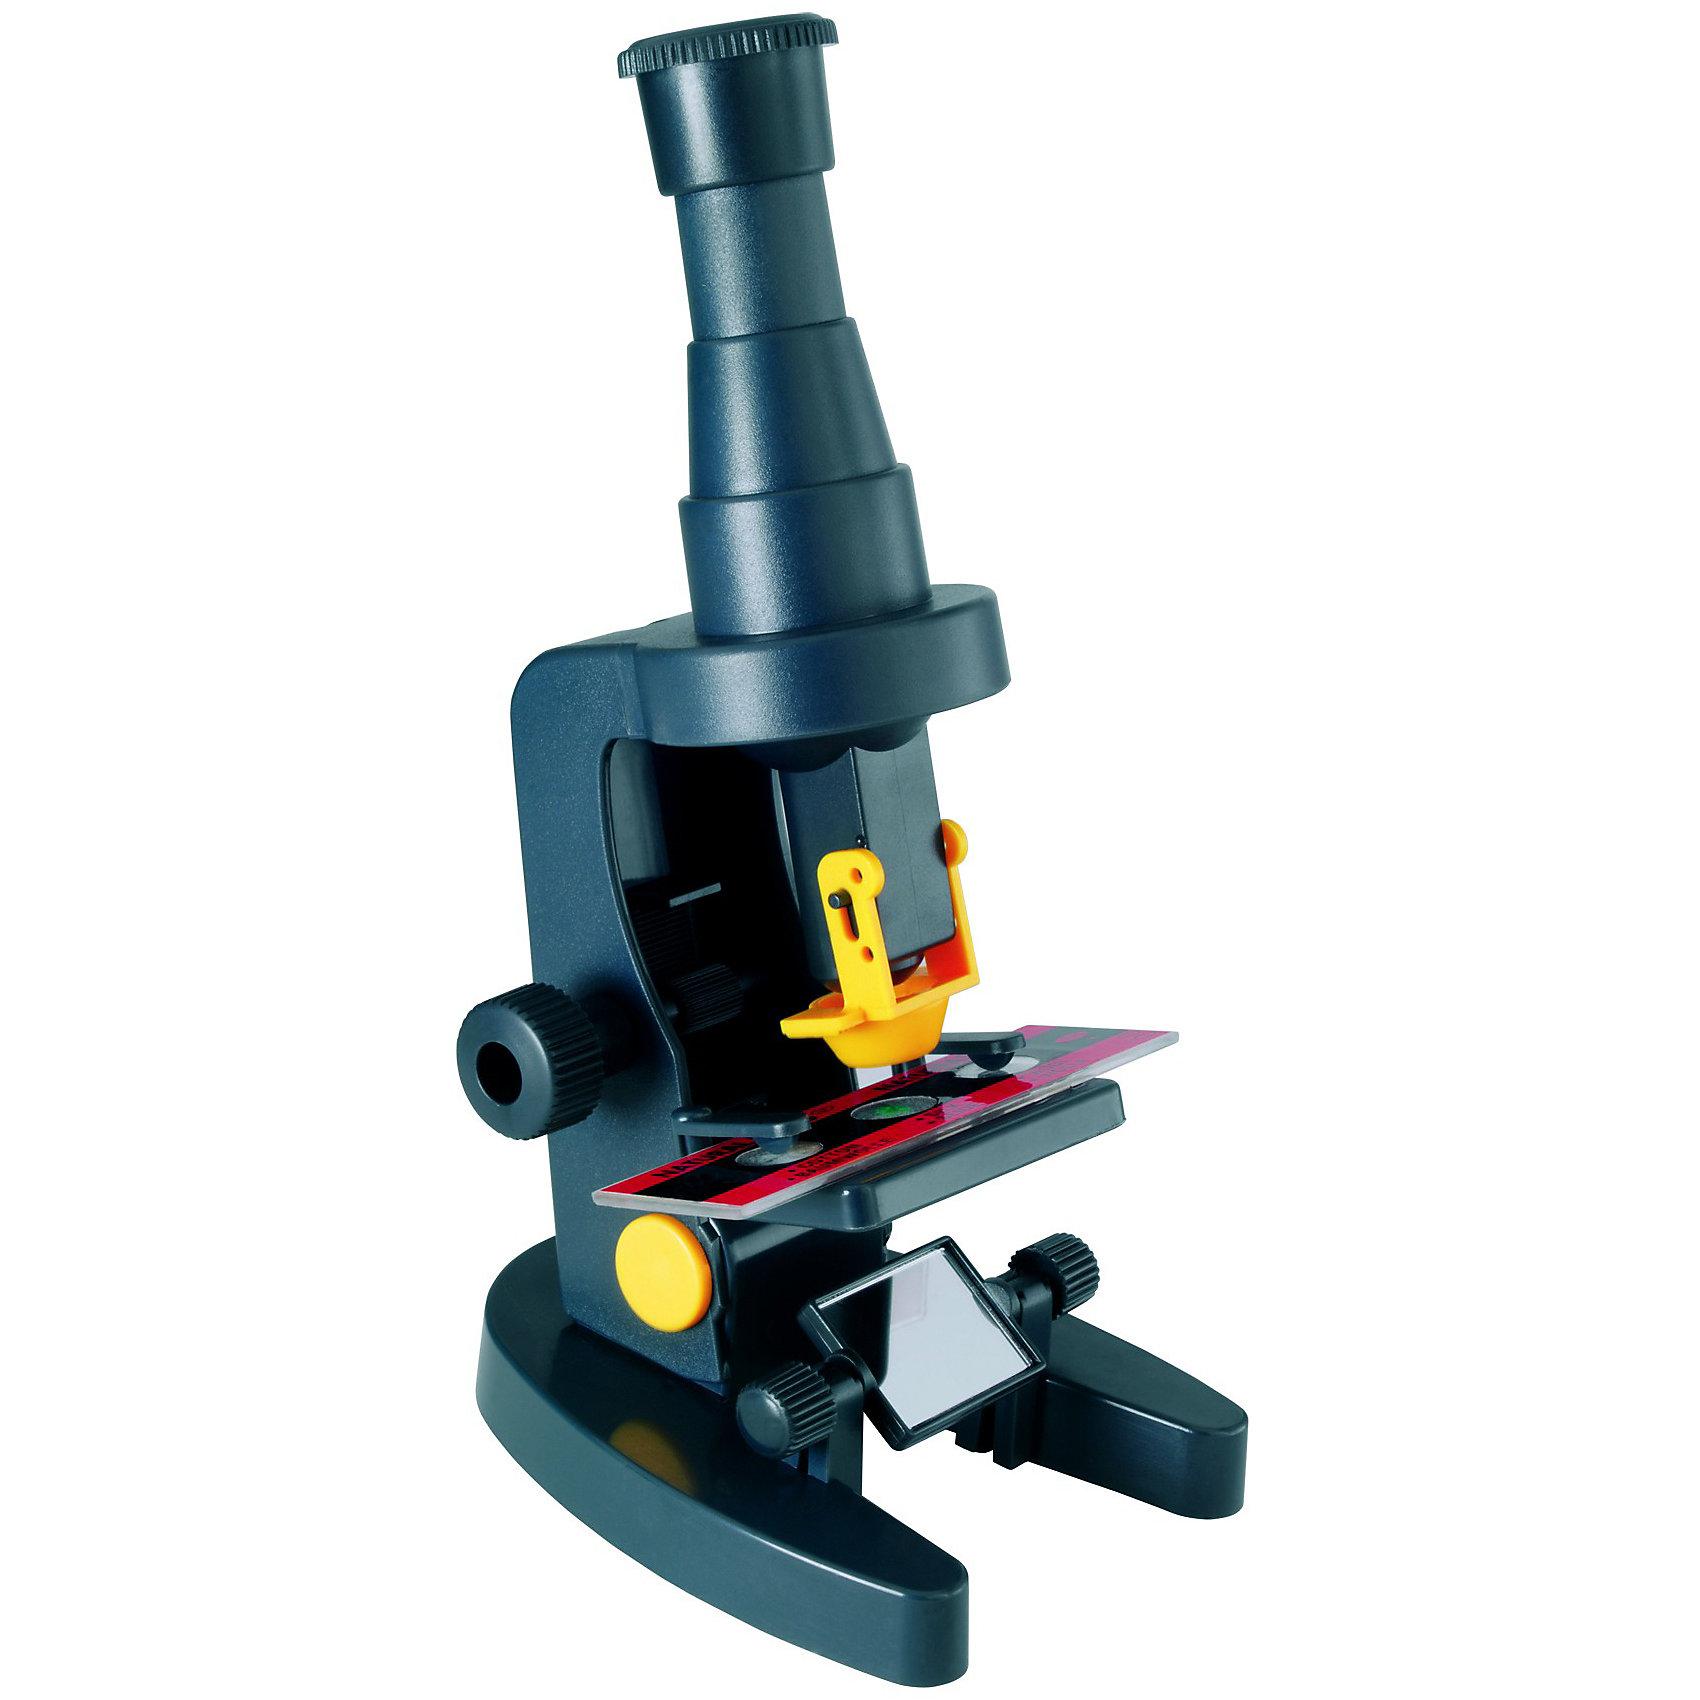 Микроскоп, Edu-ToysМикроскопы для школьников<br>Микроскоп, Edu-Toys - компактный детский микроскоп, который замечательно подойдет для первого знакомства Вашего ребенка с микромиром. С его помощью он сможет провести множество увлекательных опытов и наблюдений как дома так и на природе. Высококачественный окуляр микроскопа обеспечивает отличное качество изображения и дает увеличение 100 и 150 крат. Специальное колесико фокусировки поможет наладить нужную резкость, а с помощью зеркала-отражателя Вы сможете настроить необходимое освещение для изучения препарата.<br><br>Прибор оснащен специальным предметным столиком с лапками-держателями для микропрепаратов. В комплект также входит готовый микропрепарат и инструкция. Занятия с микроскопом способствуют формированию у ребенка научного подхода, расширяют кругозор, развивают любознательность и внимательность.<br><br>Дополнительная информация:<br><br>- В комплекте: микроскоп Edu-Toys MS015, готовый микропрепарат, инструкция.<br>- Материал: металл, пластик, стекло.<br>- Высота: 18 см.<br>- Размер упаковки: 5,3 х 26,6 х 7 см.<br>- Вес: 150 гр.<br><br>Микроскоп, Edu-Toys, можно купить в нашем интернет-магазине.<br><br>Ширина мм: 53<br>Глубина мм: 266<br>Высота мм: 70<br>Вес г: 150<br>Возраст от месяцев: 96<br>Возраст до месяцев: 144<br>Пол: Унисекс<br>Возраст: Детский<br>SKU: 4013714